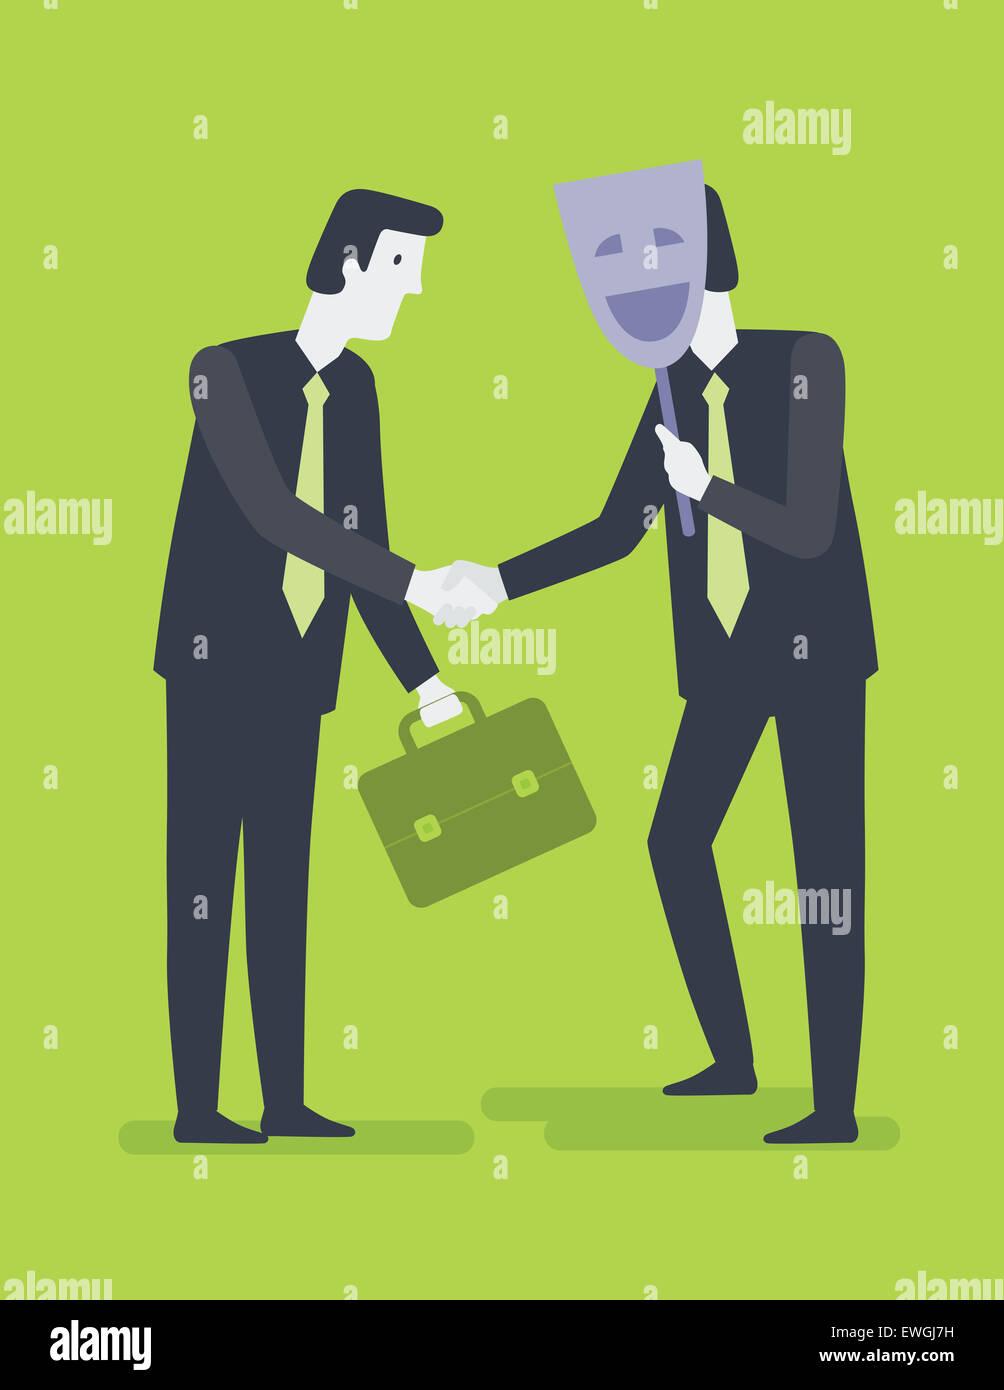 Empresario un apretón de manos con su compañero escondido detrás de la máscara Imagen De Stock